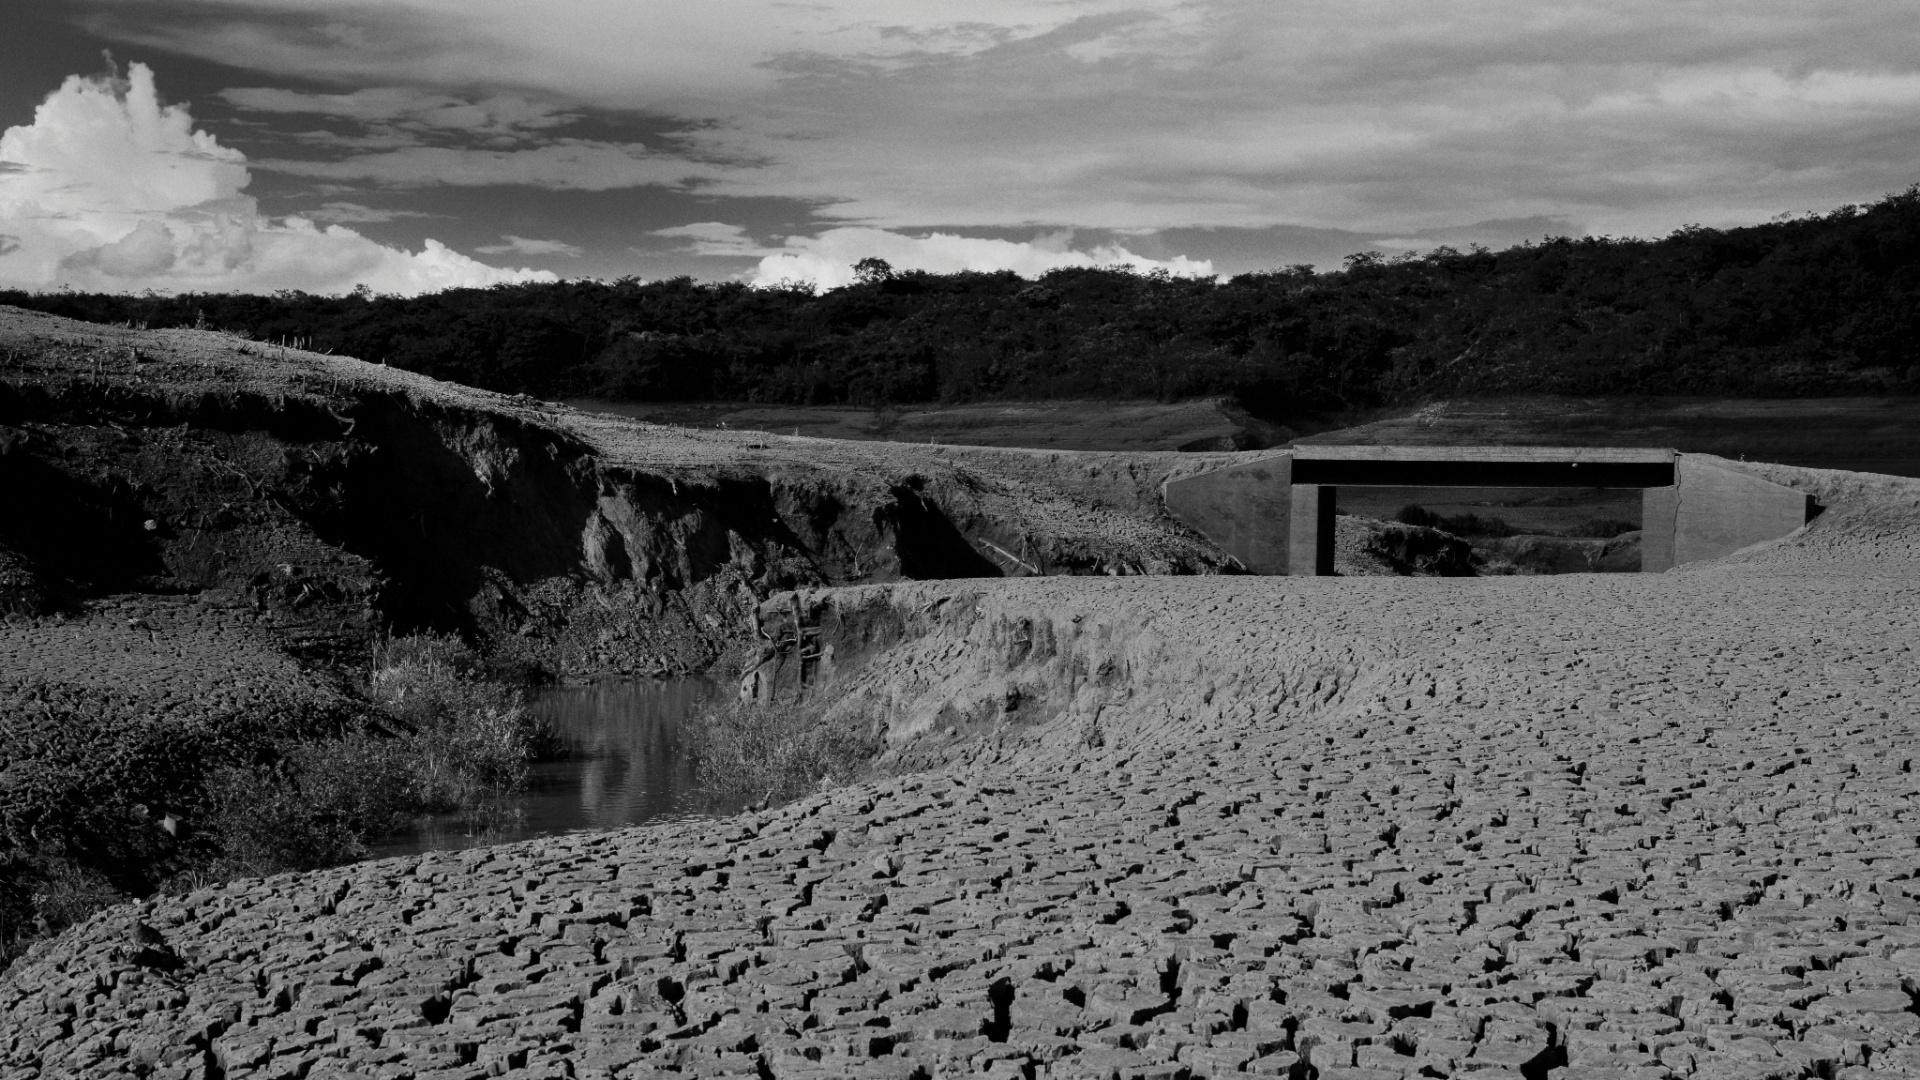 4.ago.2015 - SERRA AZUL - A represa Serra Azul (MG) é um dos principais componentes do Sistema Paraopeba